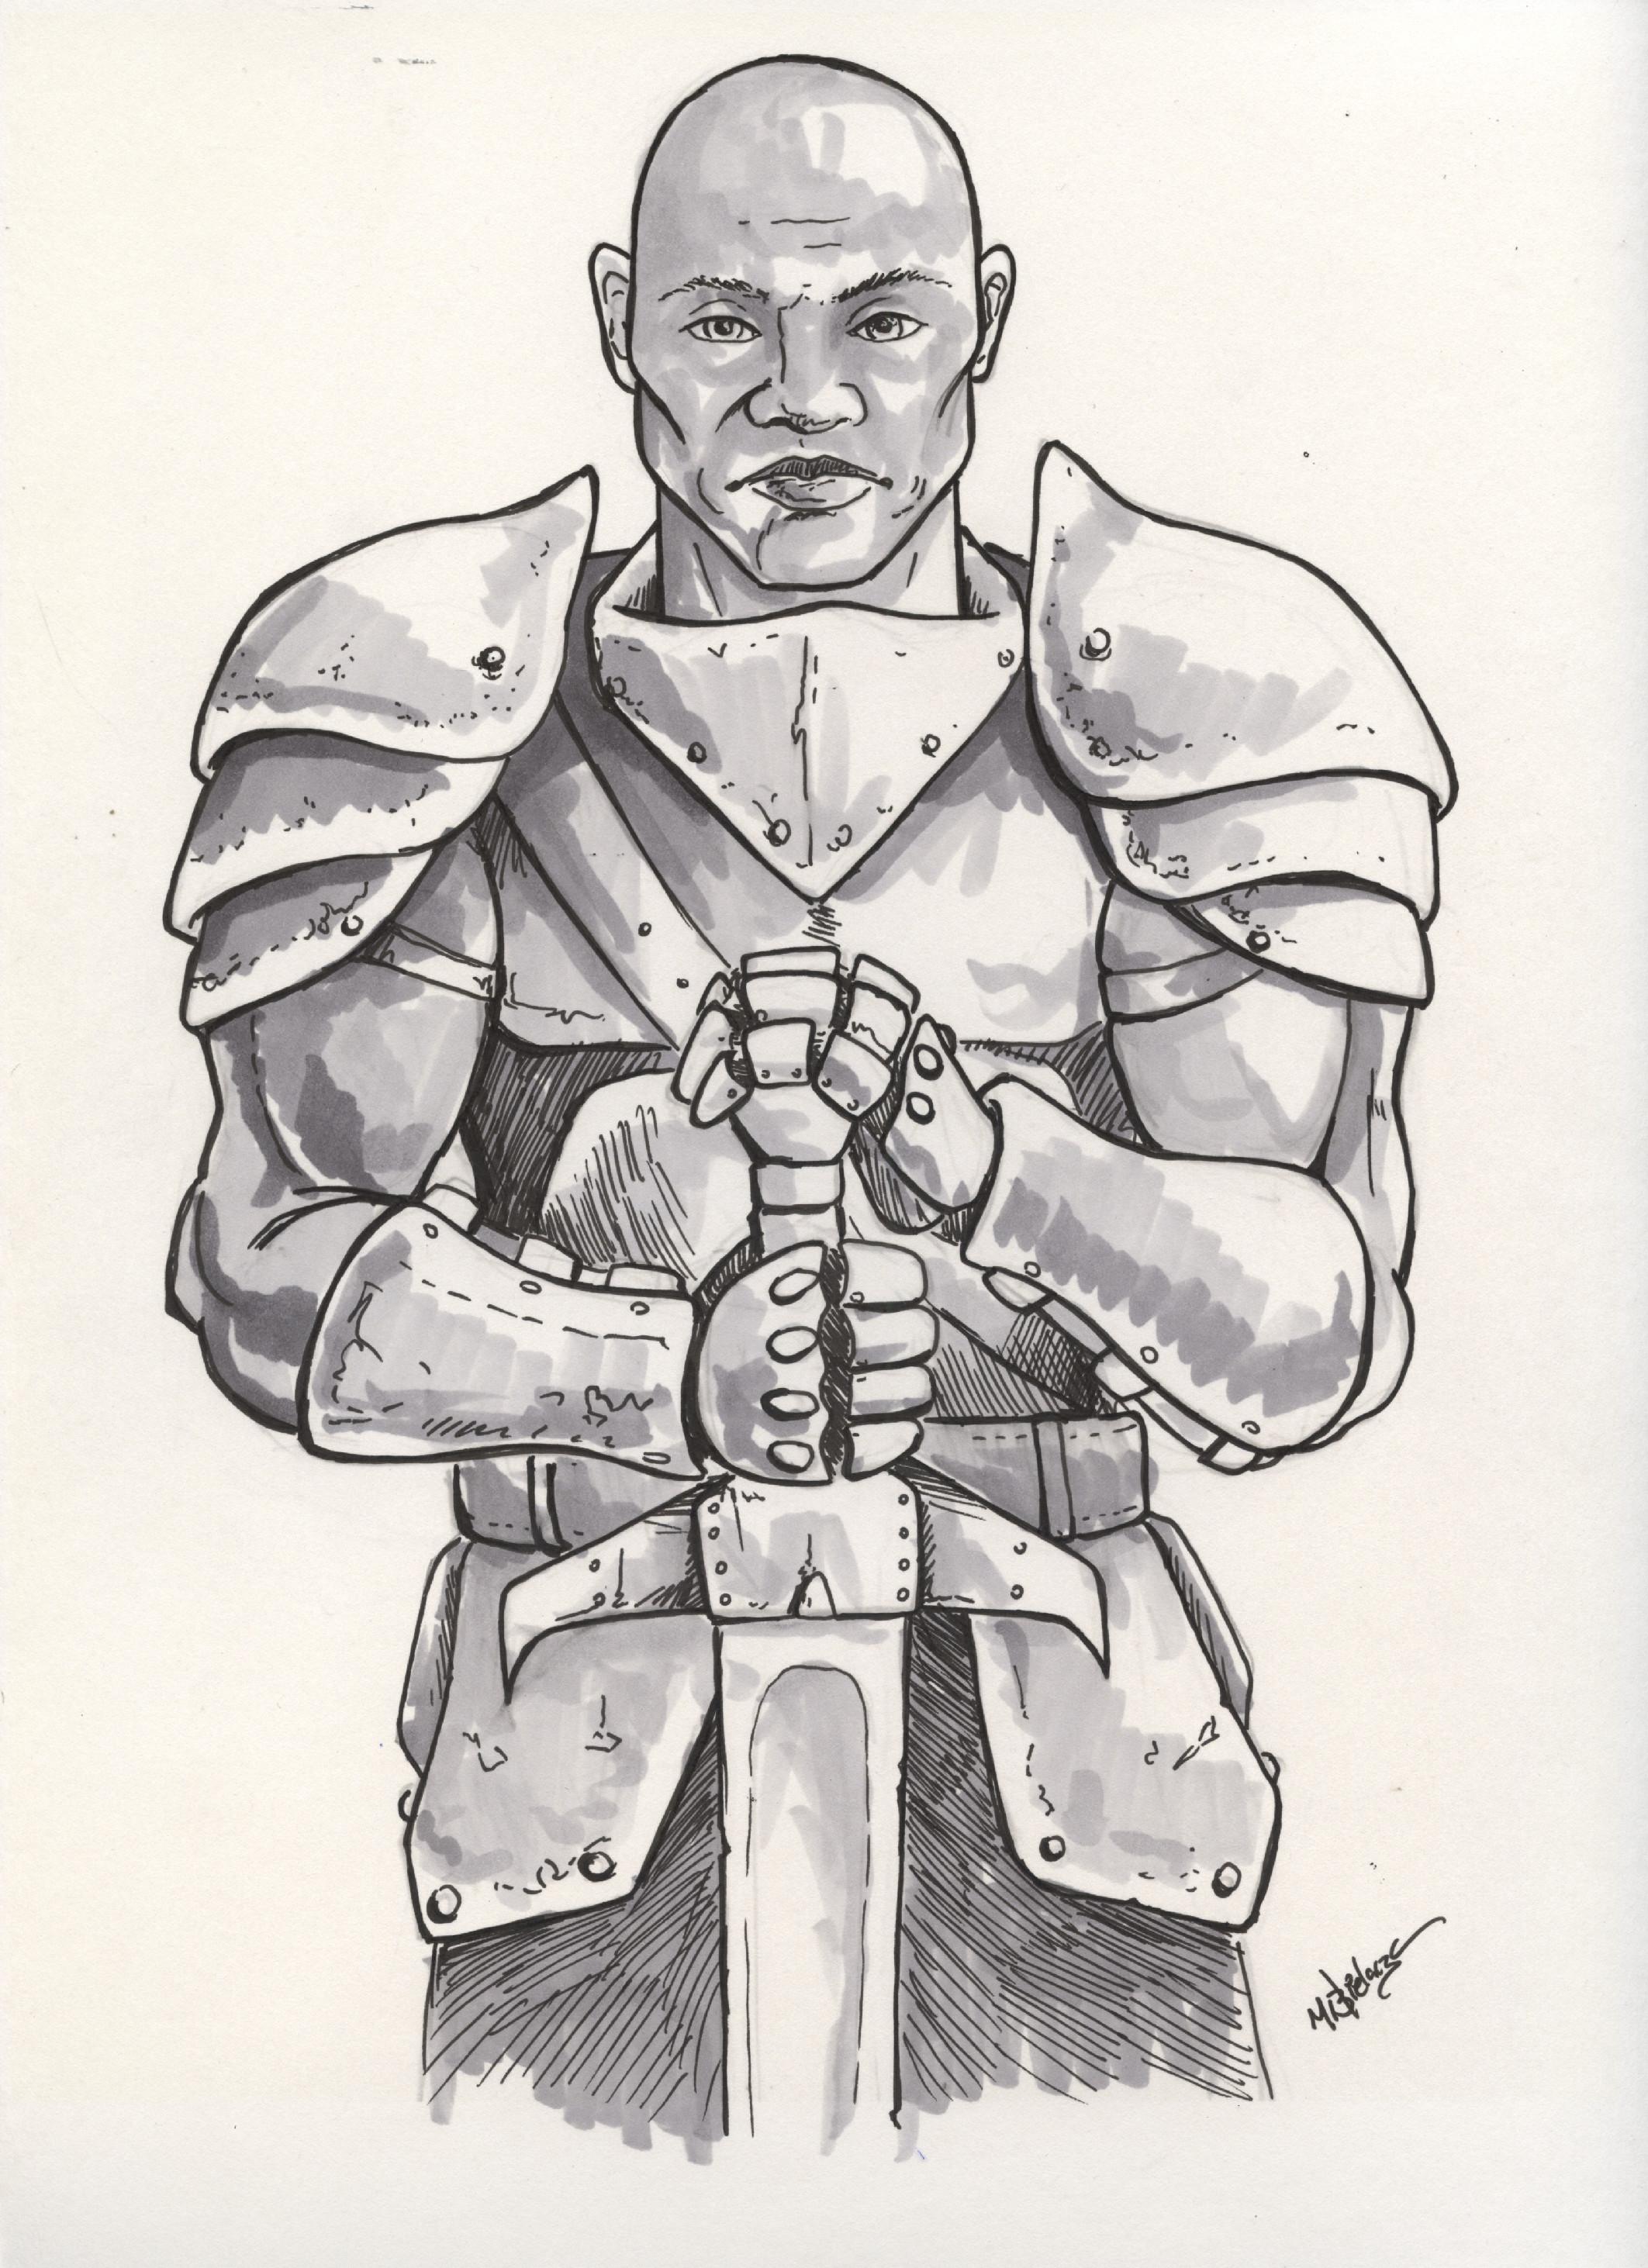 Lorthain the Archeon by mbielaczyc